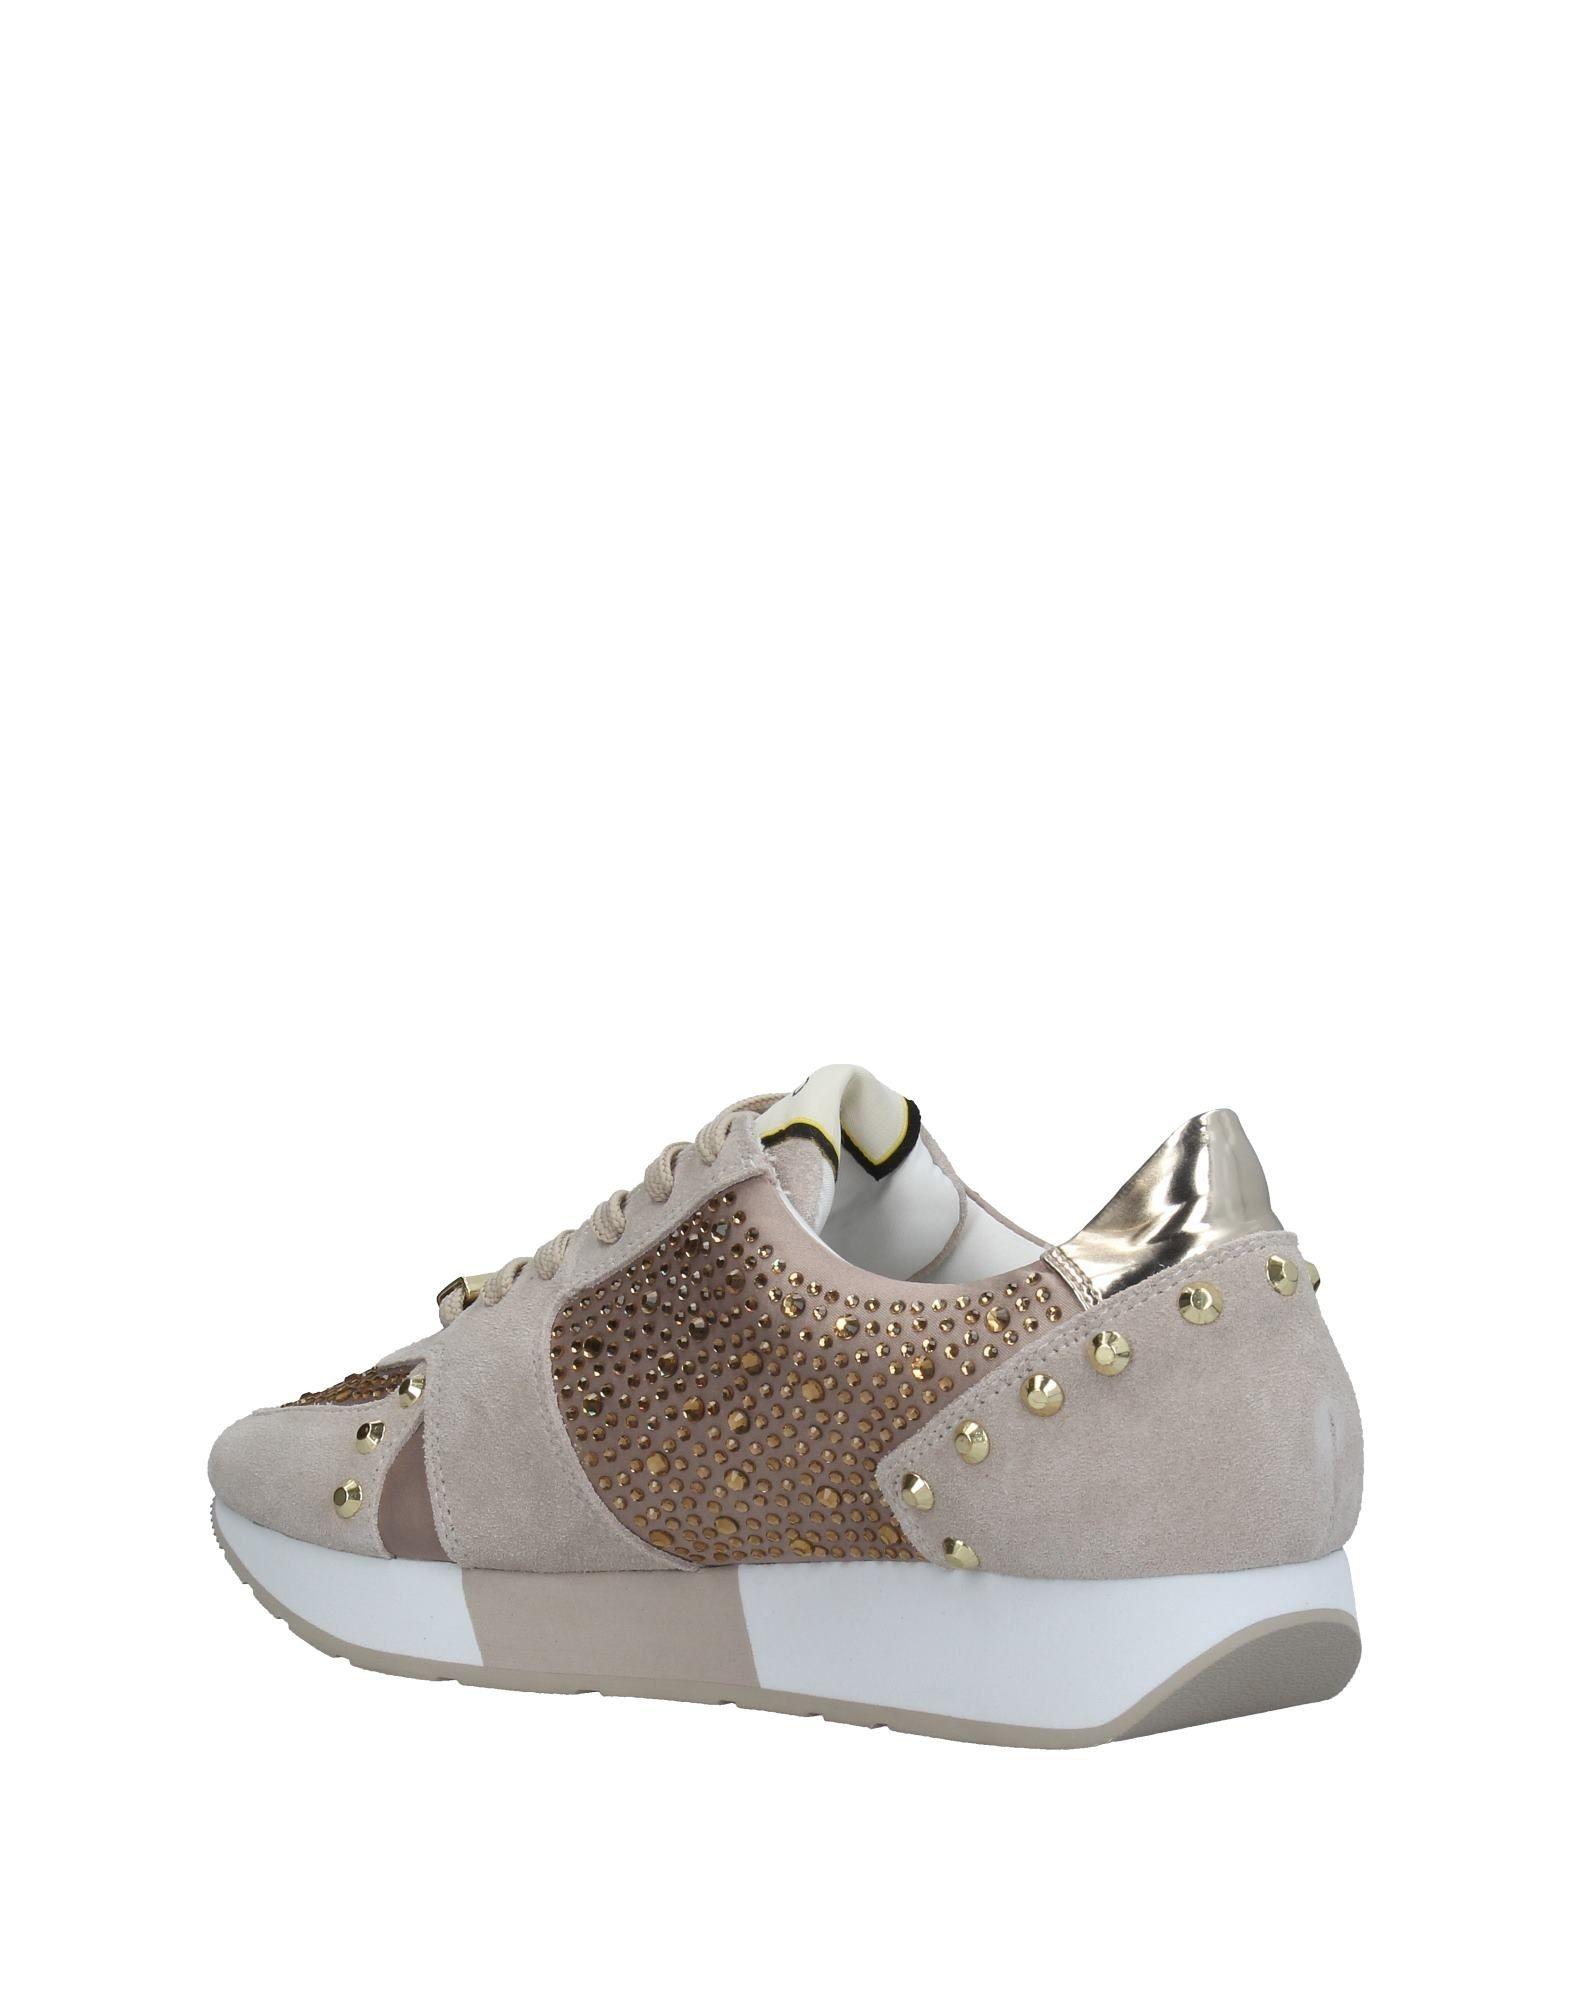 Liu •Jo Shoes Sneakers Qualität Damen  11281572BS Gute Qualität Sneakers beliebte Schuhe 38c9ba